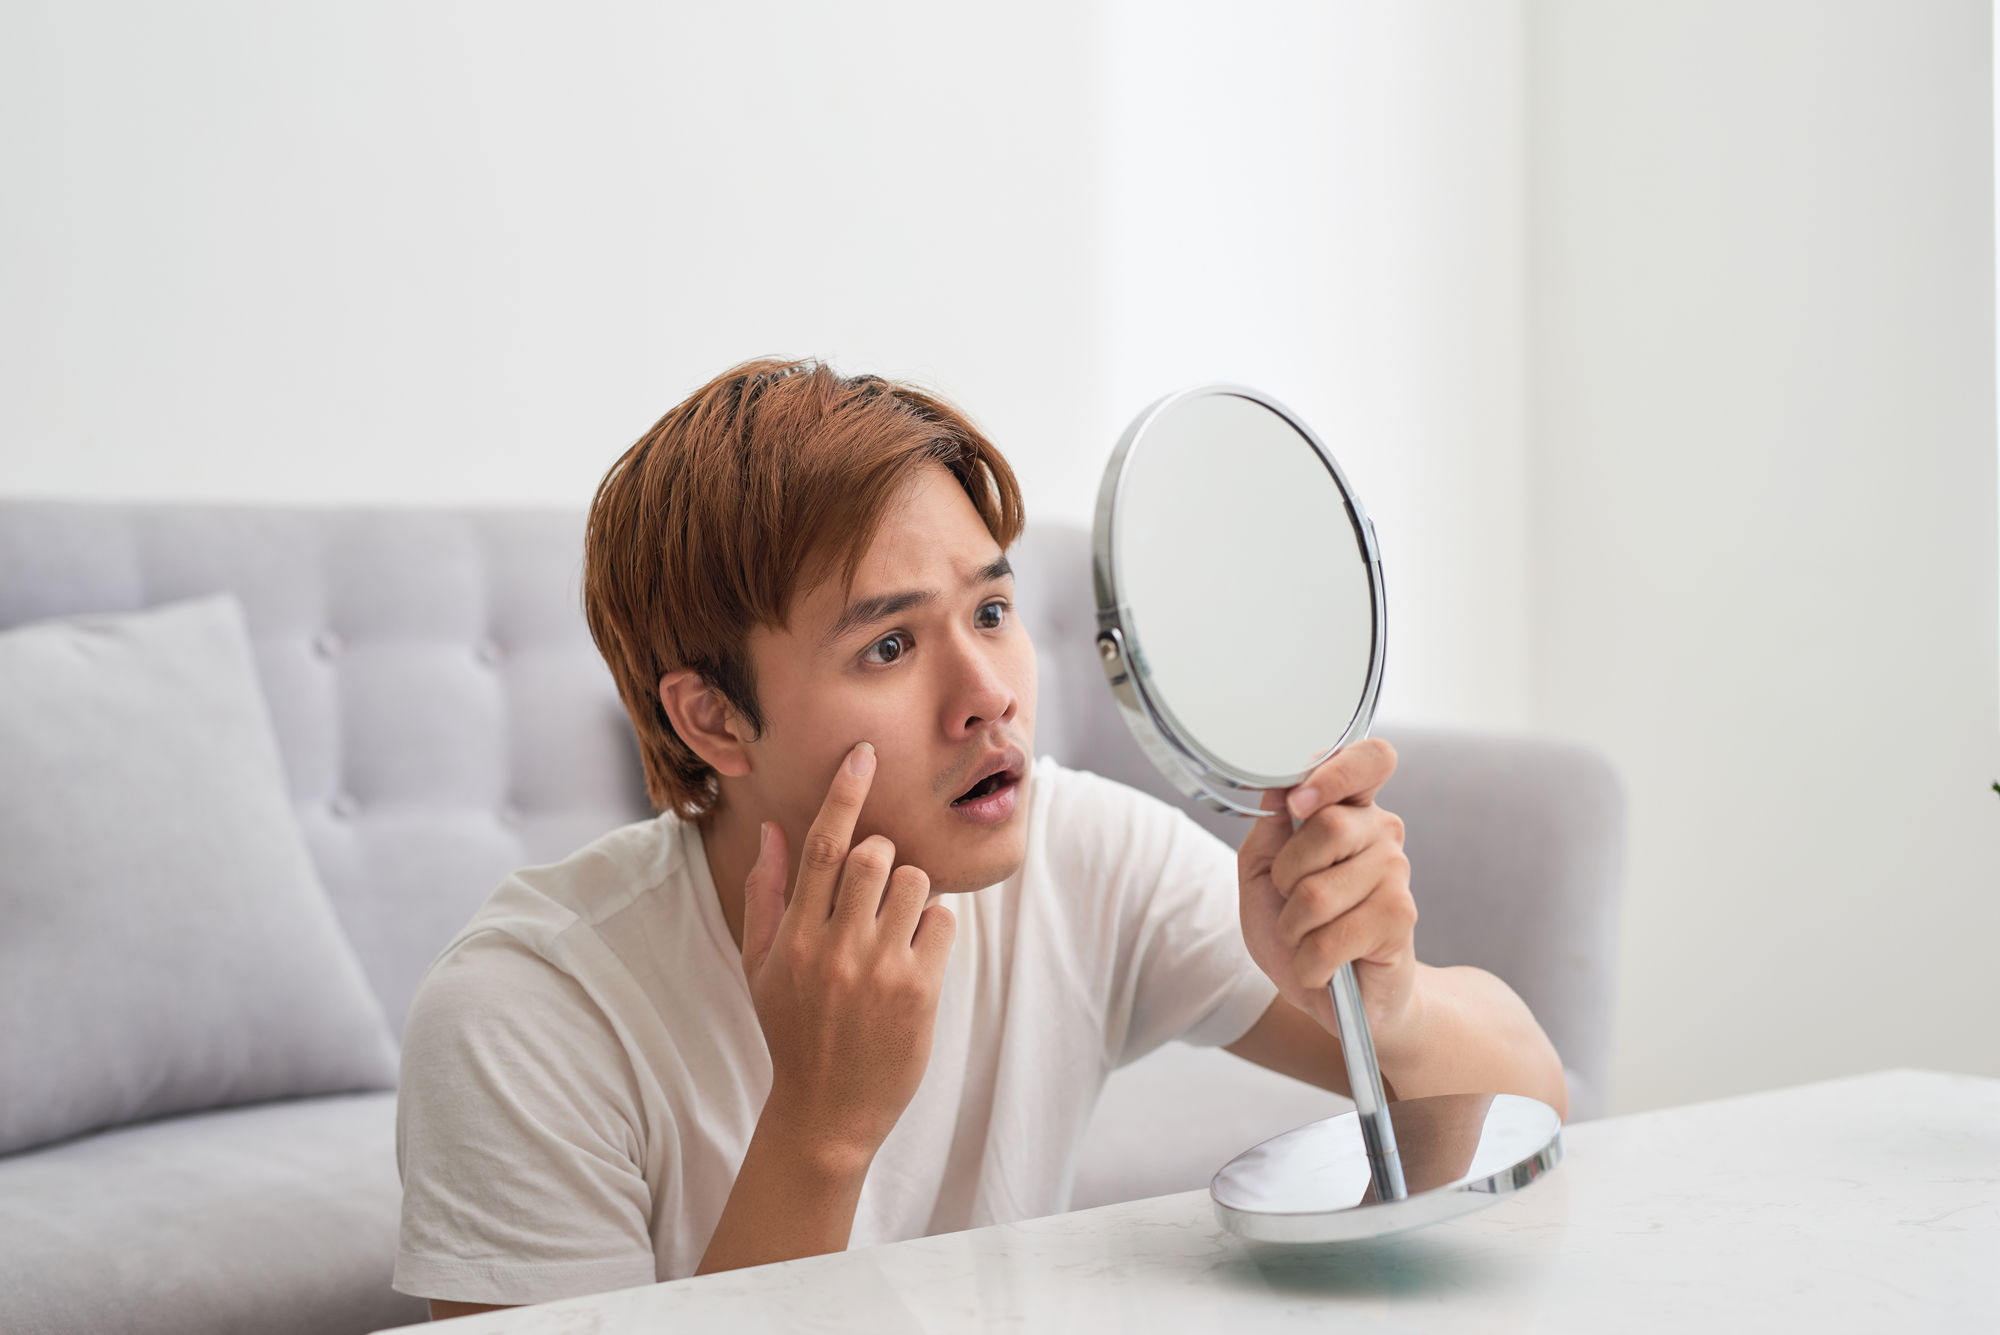 asian-man-looking-at-his-acne